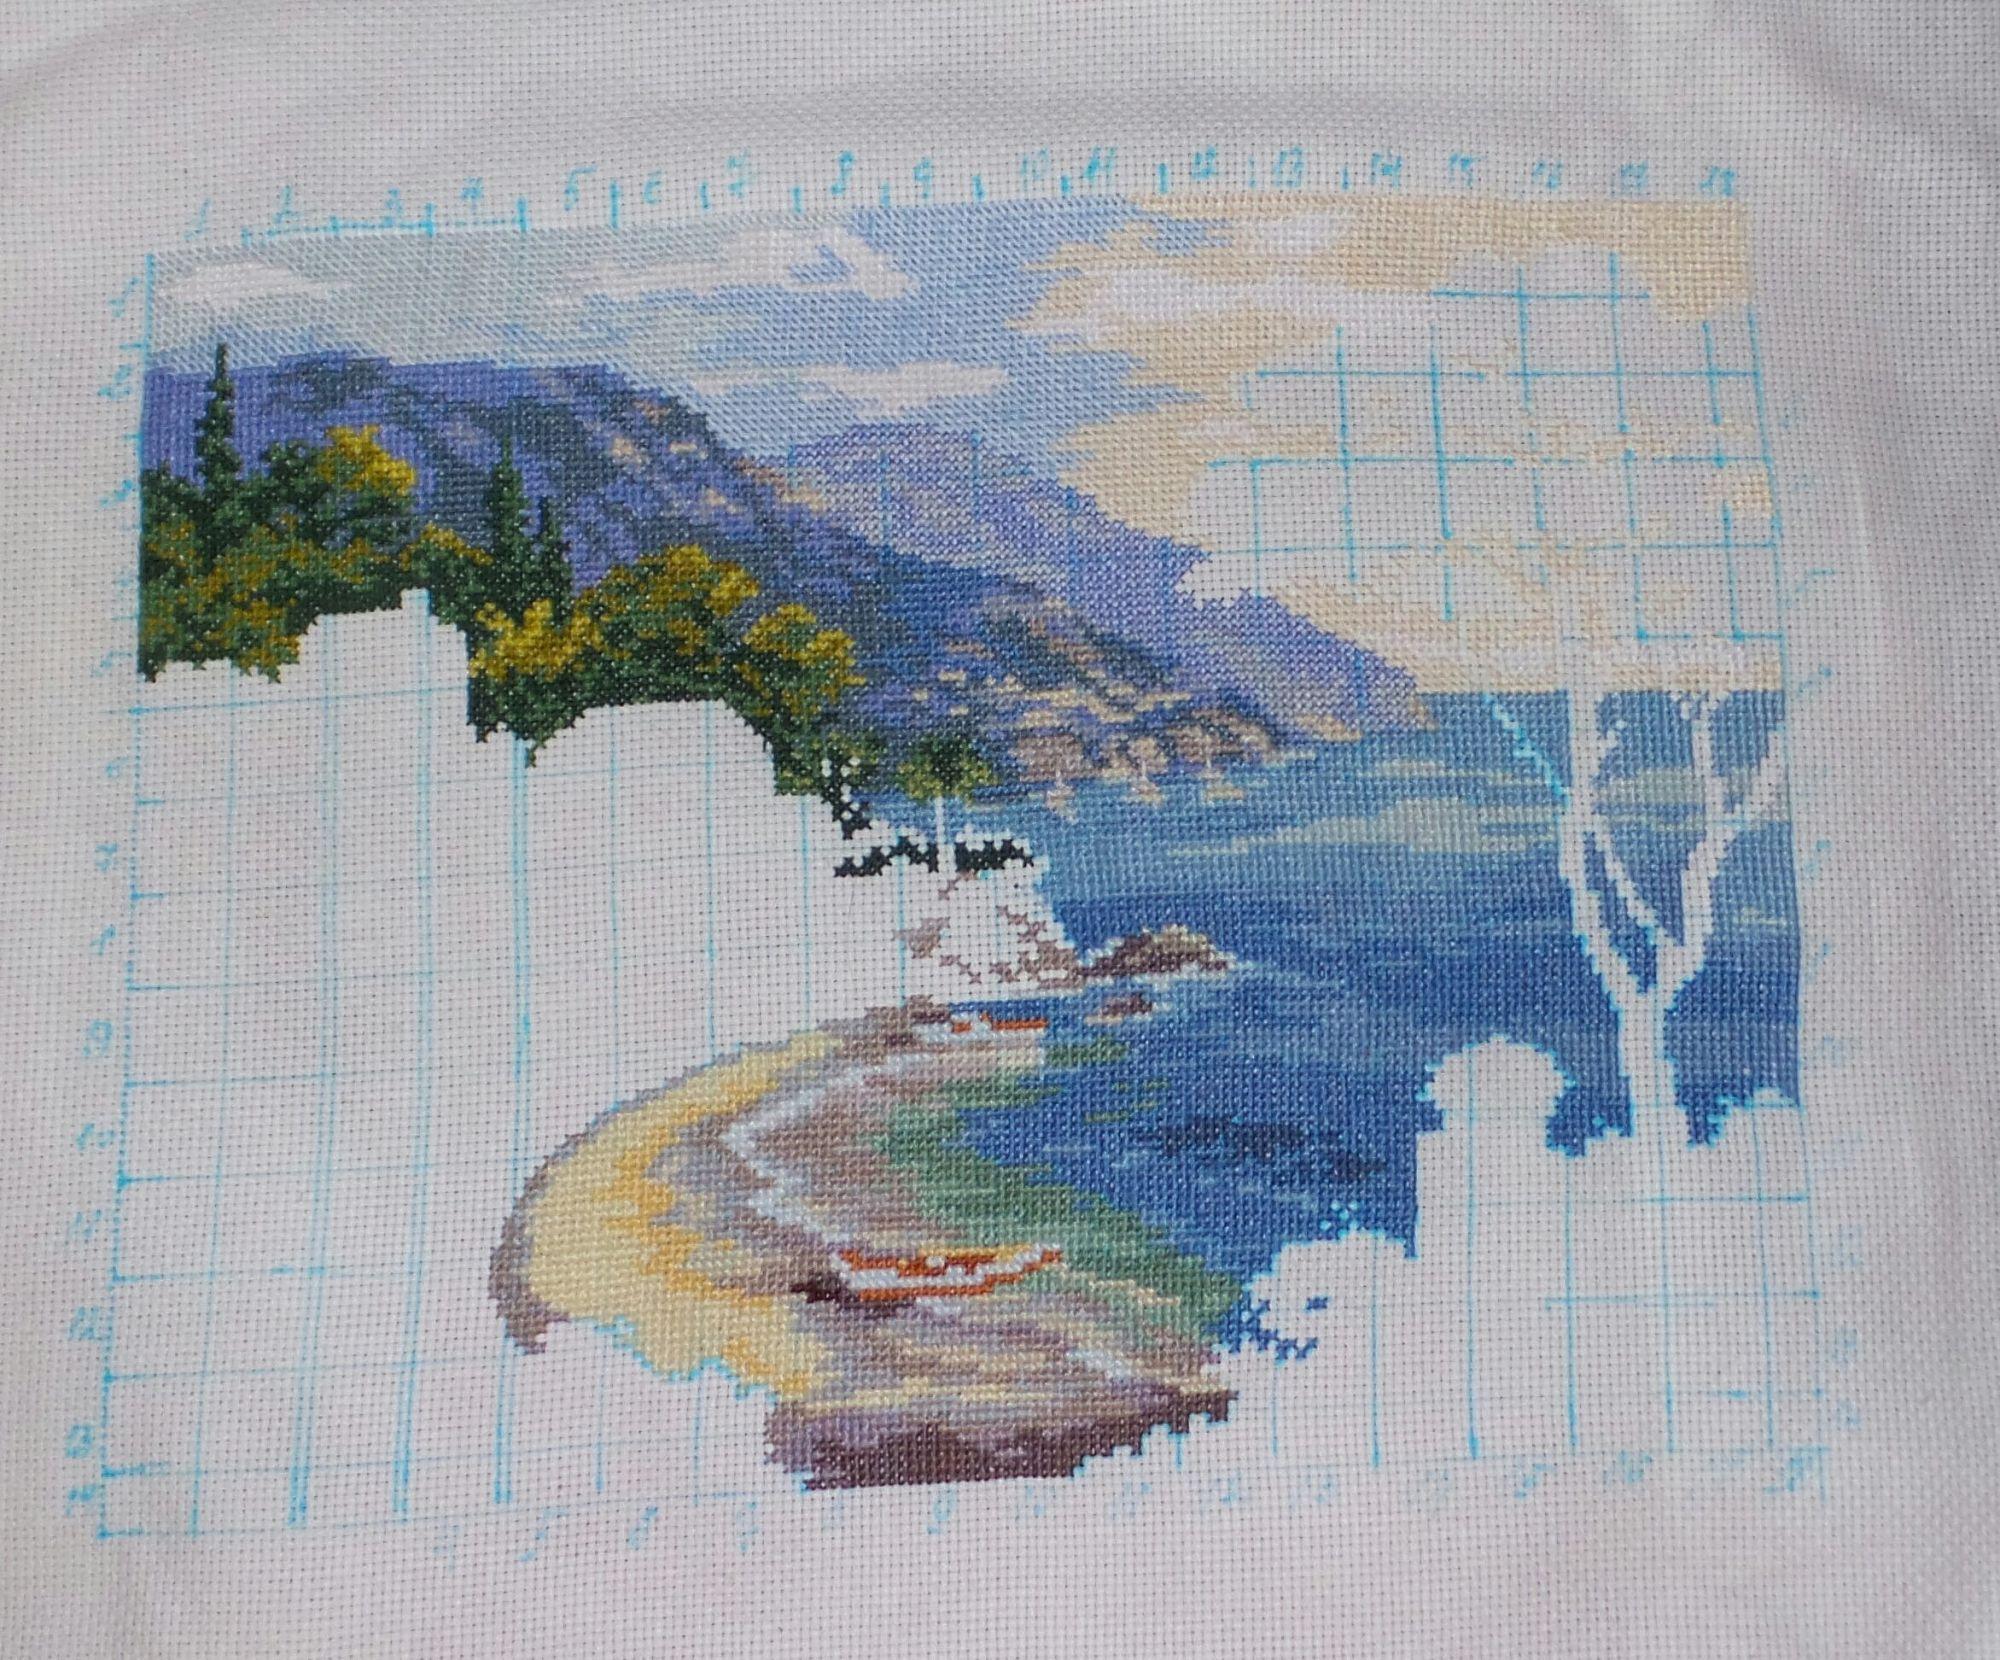 Вышивка южный берег фото